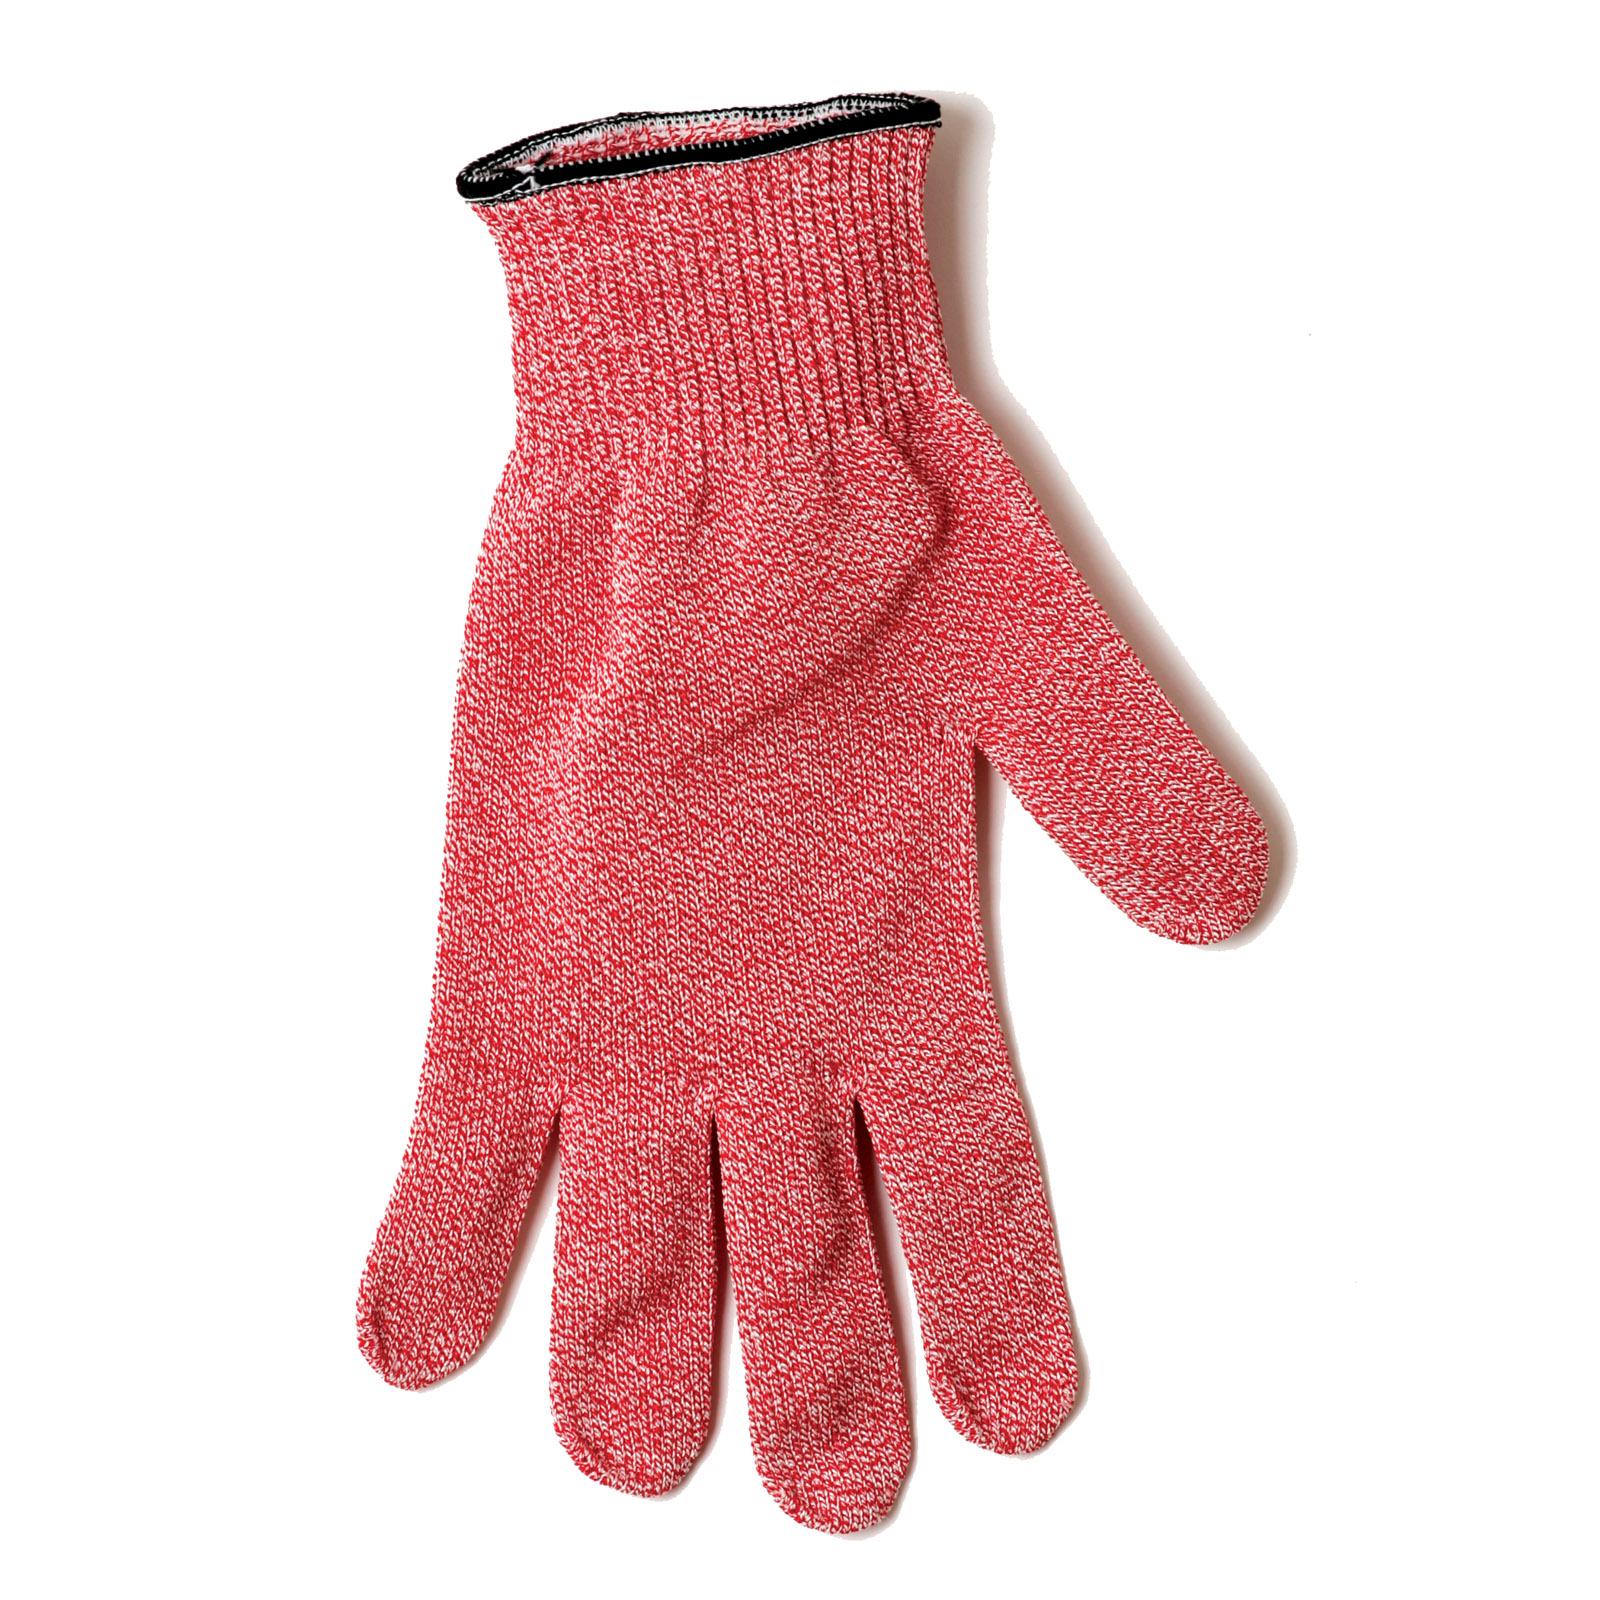 San Jamar SG10-RD-L glove, cut resistant